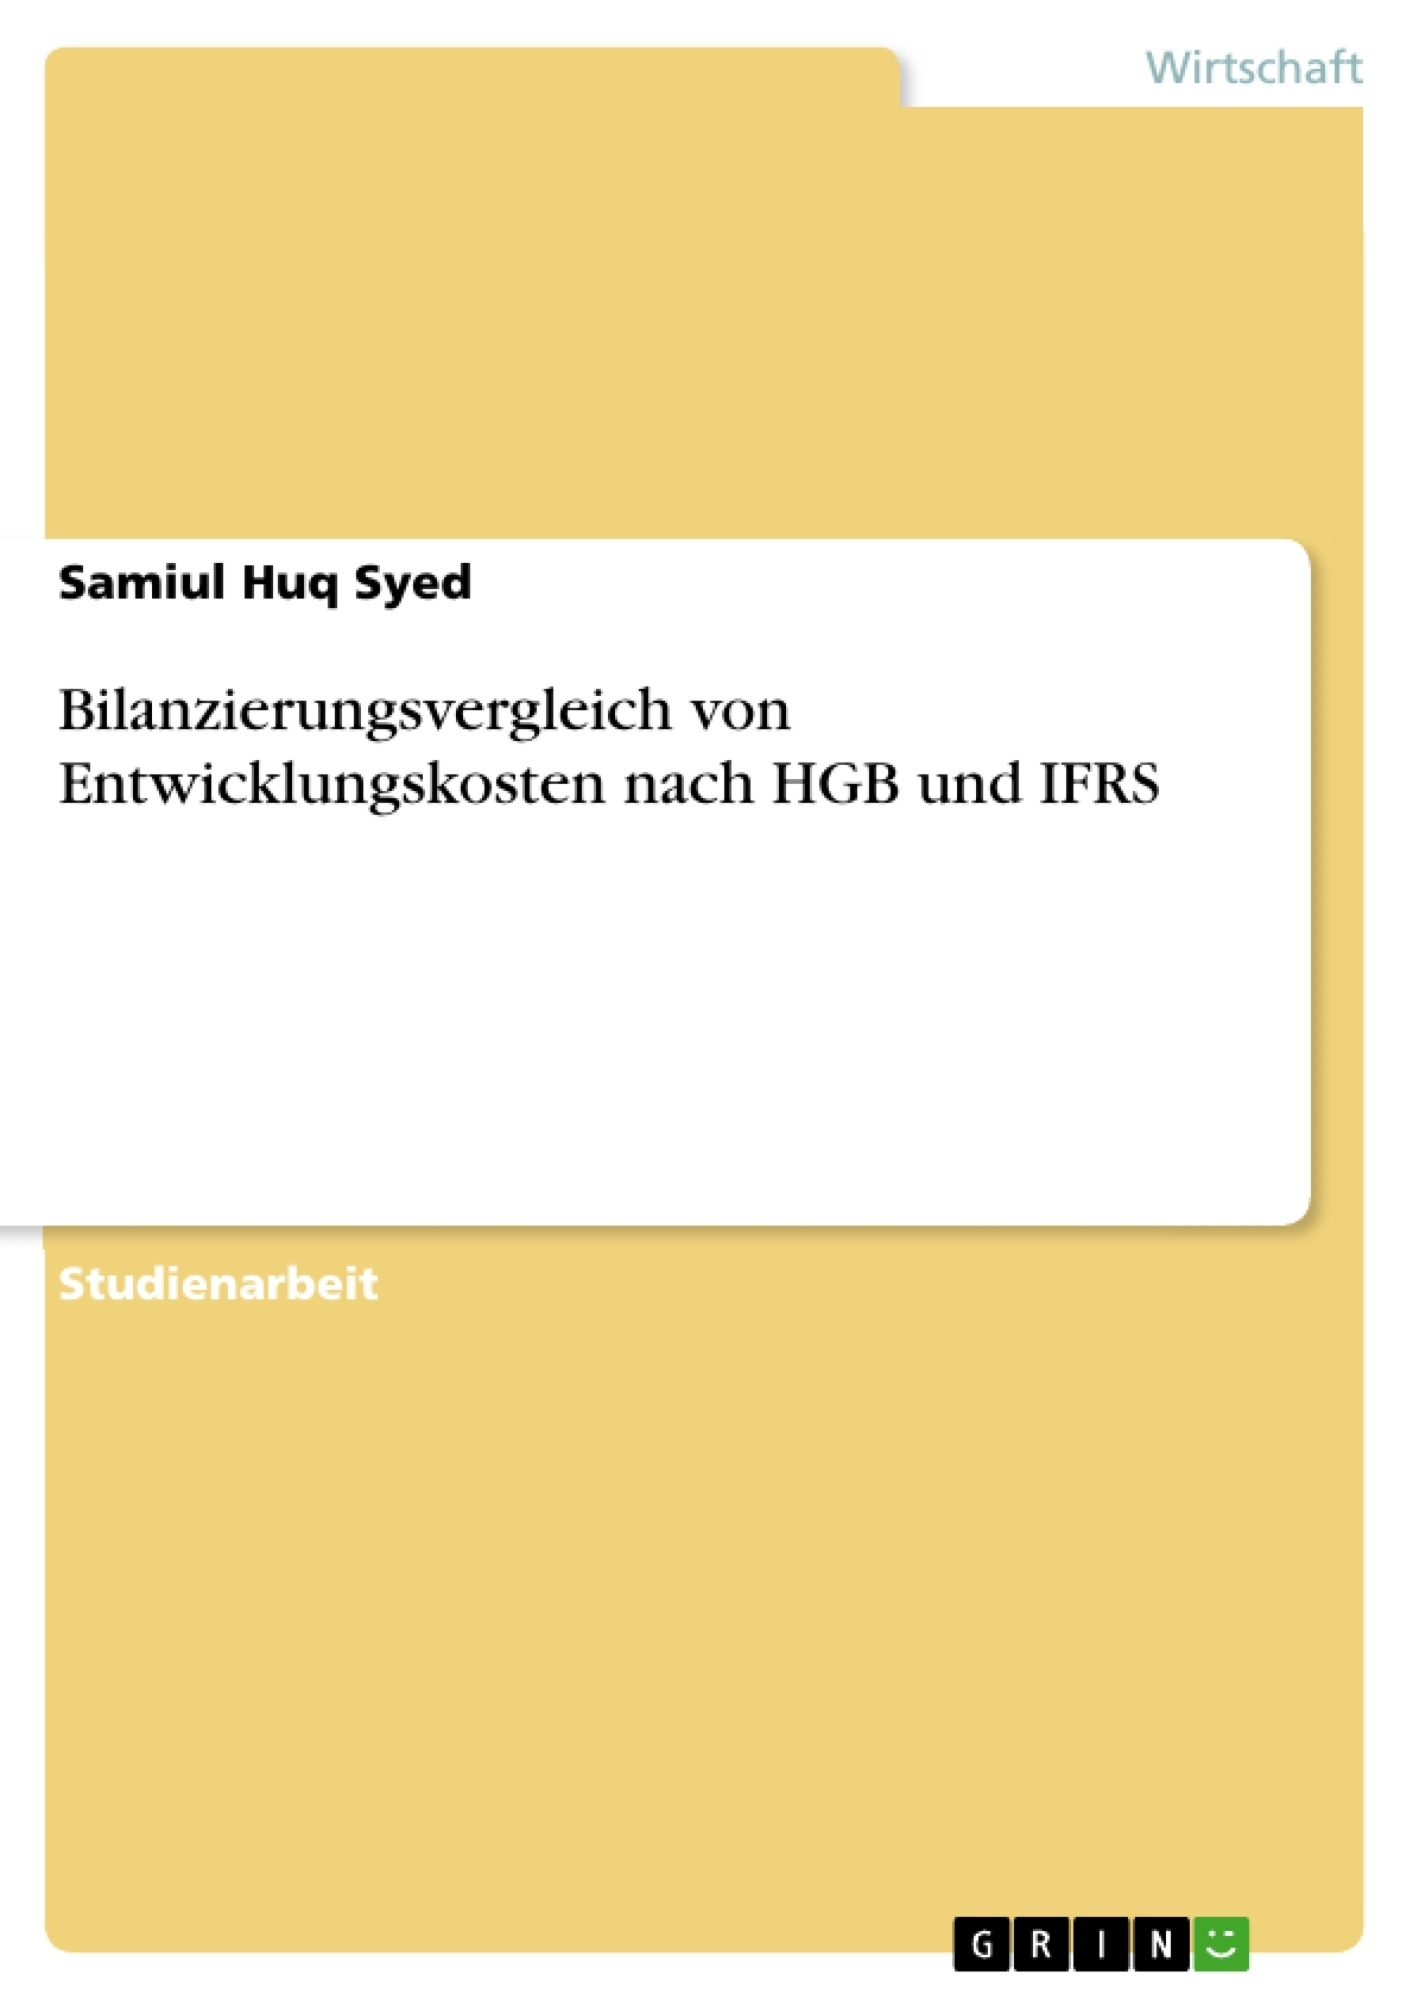 Titel: Bilanzierungsvergleich von Entwicklungskosten nach HGB und IFRS